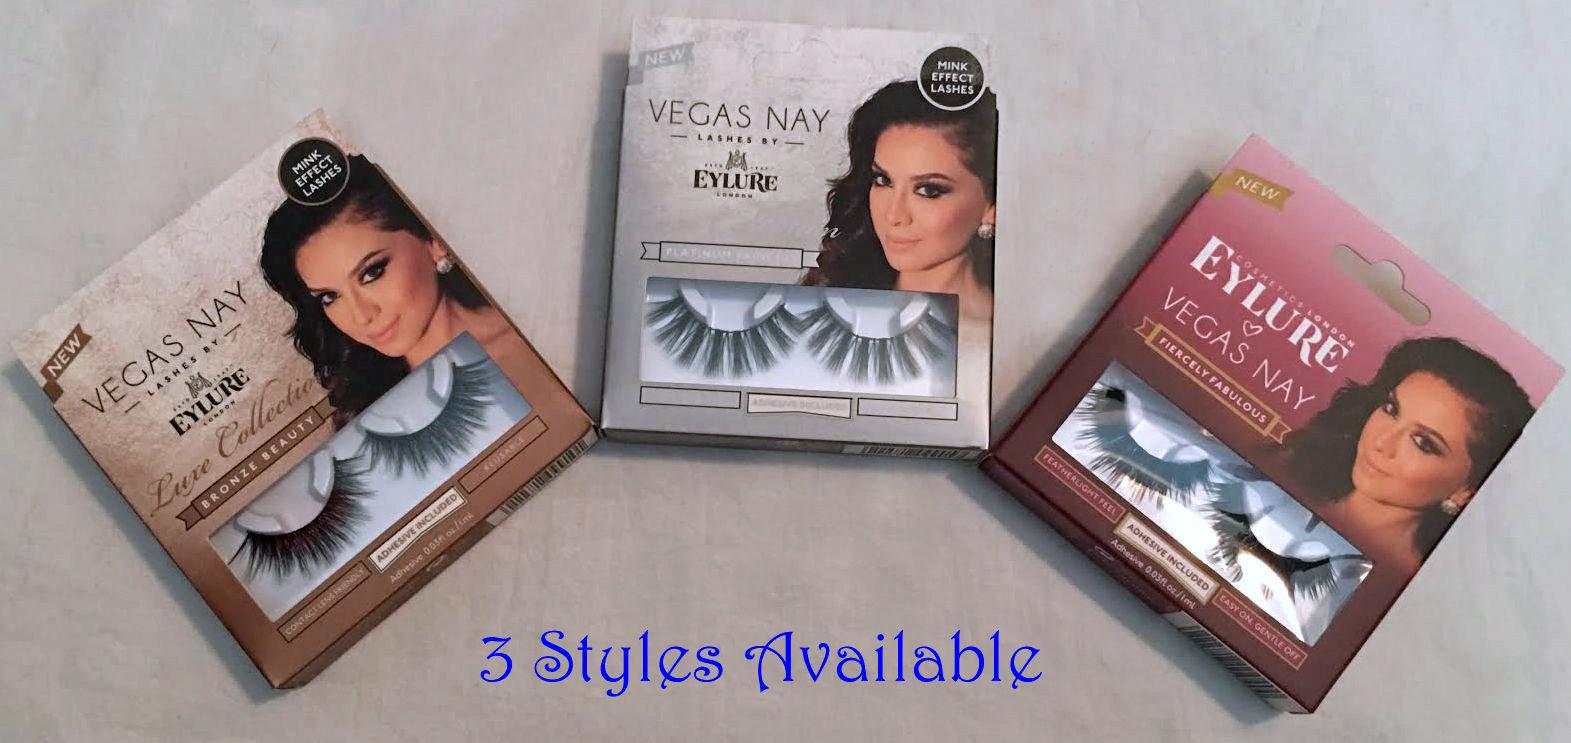 Eylure London Vegas Nay Re-Usable False Eye Lashes + Adhesive -3 styles availabe 14232